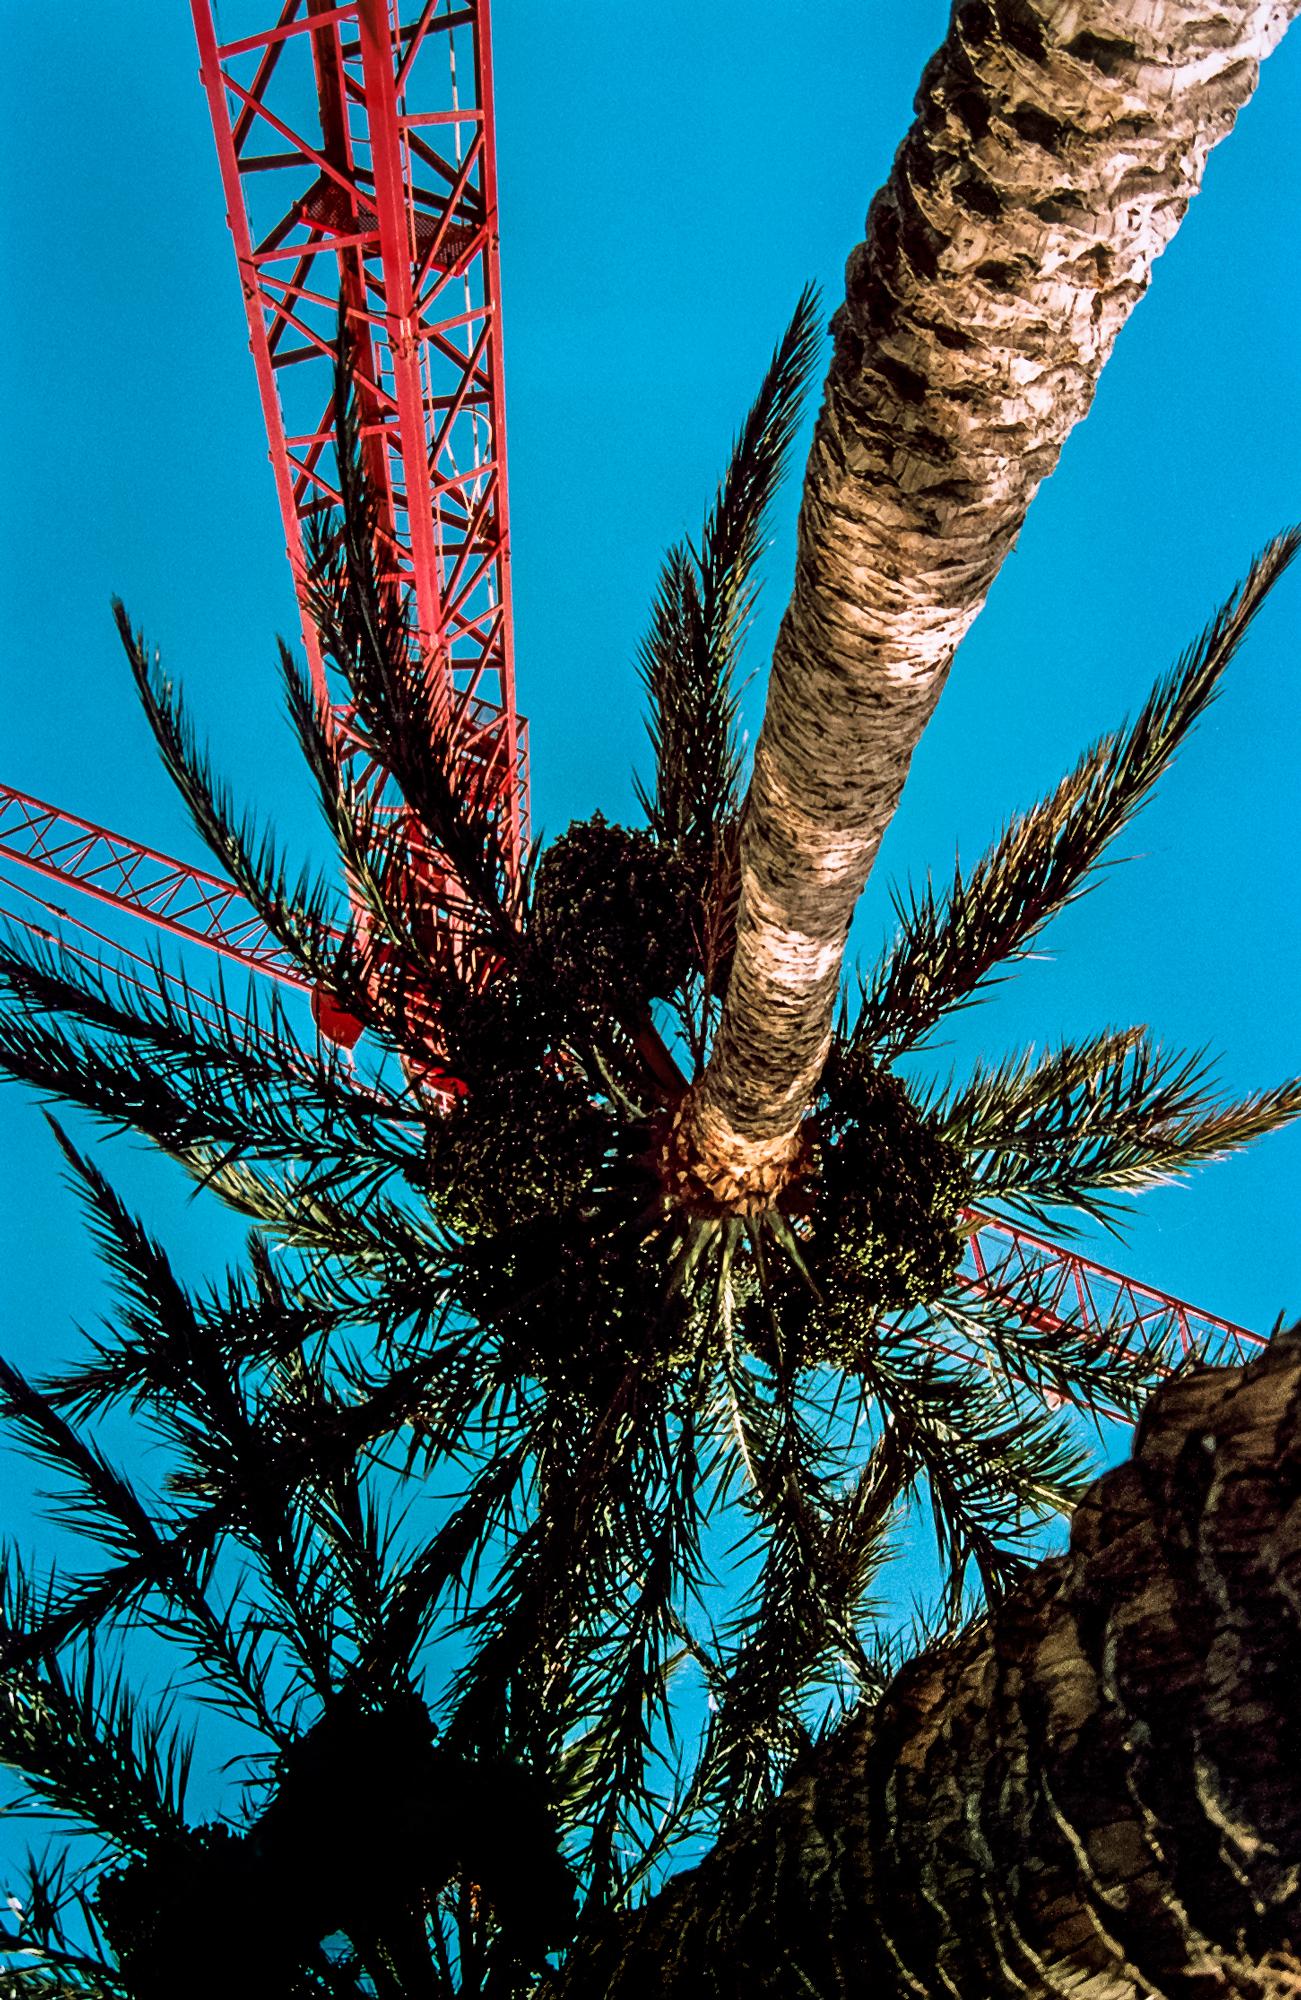 Magnolia Soto. Paraiso 3. 2002. Impresión fotográfica, 50 x 70 cm.